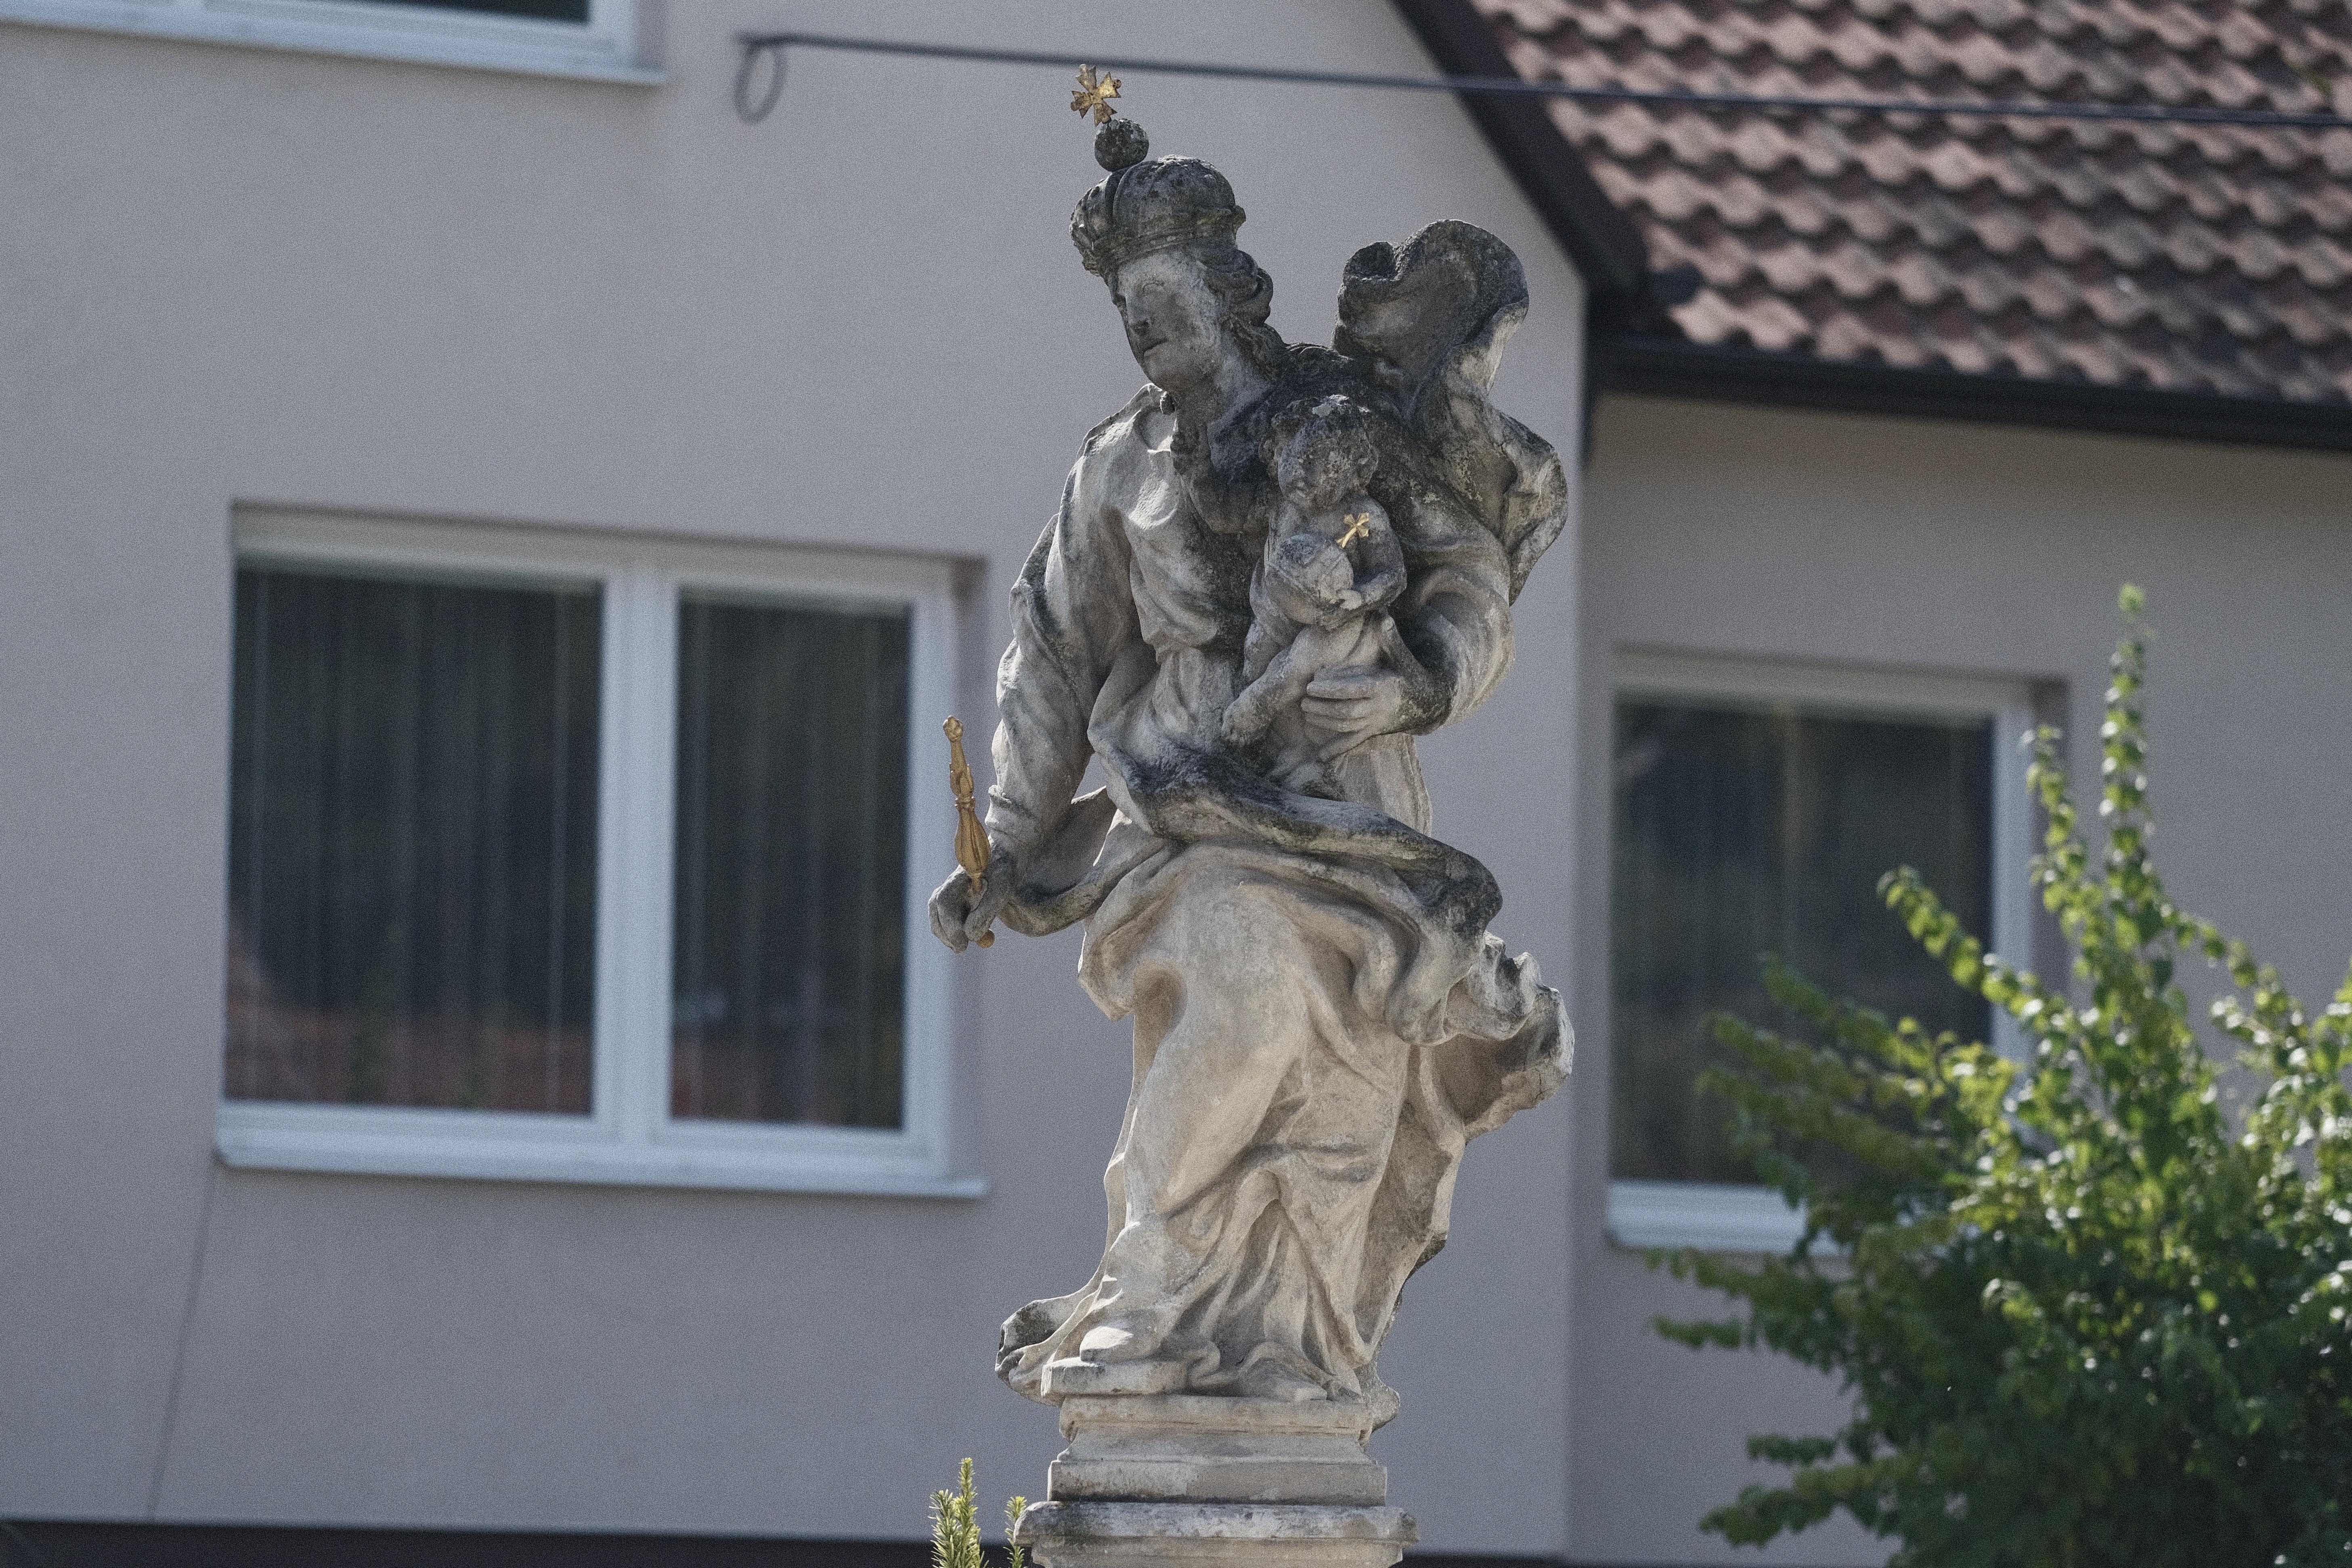 Madona při Dukelské ulici, neznámý autor, zhotoveno mezi léty 1692–1716. Výrazově podobná socha jako předchozí sv. Roch byla vytesána zřejmě ve stejné dílně. Také tato socha patřila do souboru kláštera, byla v nice nad vstupními vraty hlavní západní fasády klášterního kostela, v ose celé kompozice. Nejspíše kolem roku 1820 přenesena k cestě na Žďárnou a připojena k instalaci Božích muk, dnes stojí samostatně u mostu přes řeku Bělou.